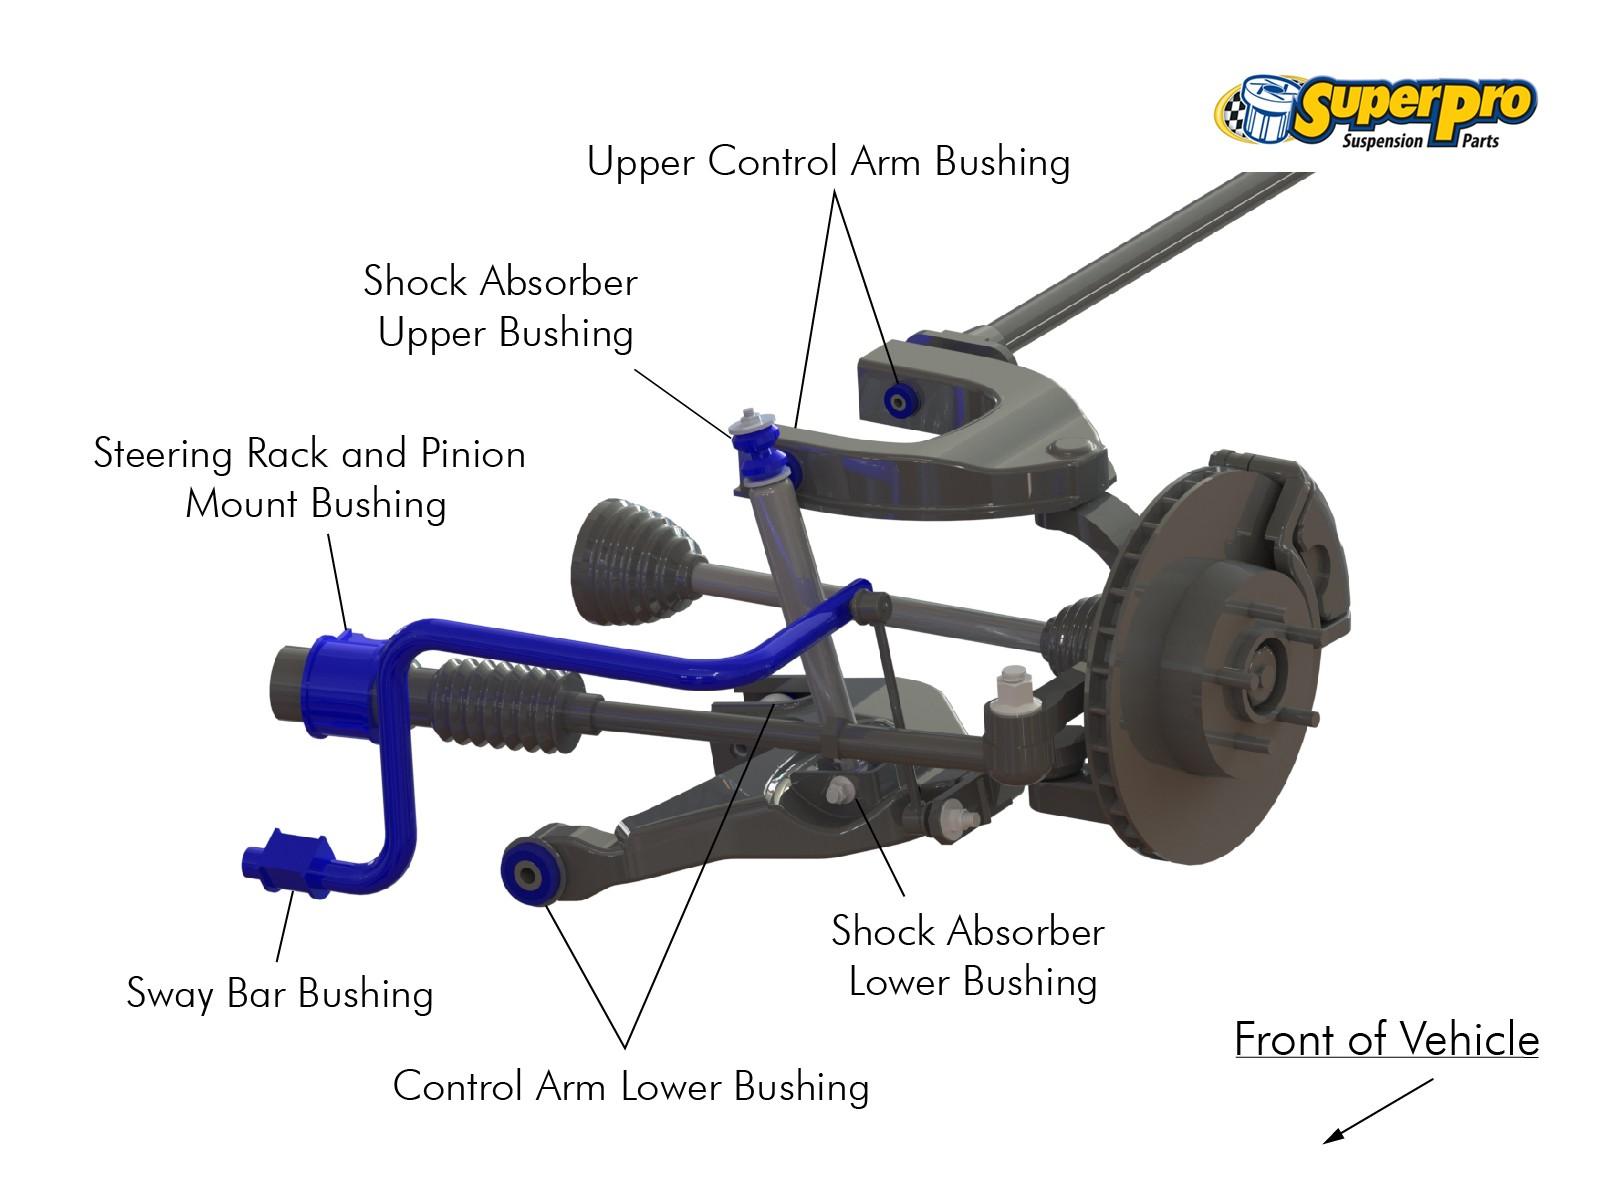 Car Front End Parts Diagram Superpro Tradeview Suspension Part Search Of Car Front End Parts Diagram